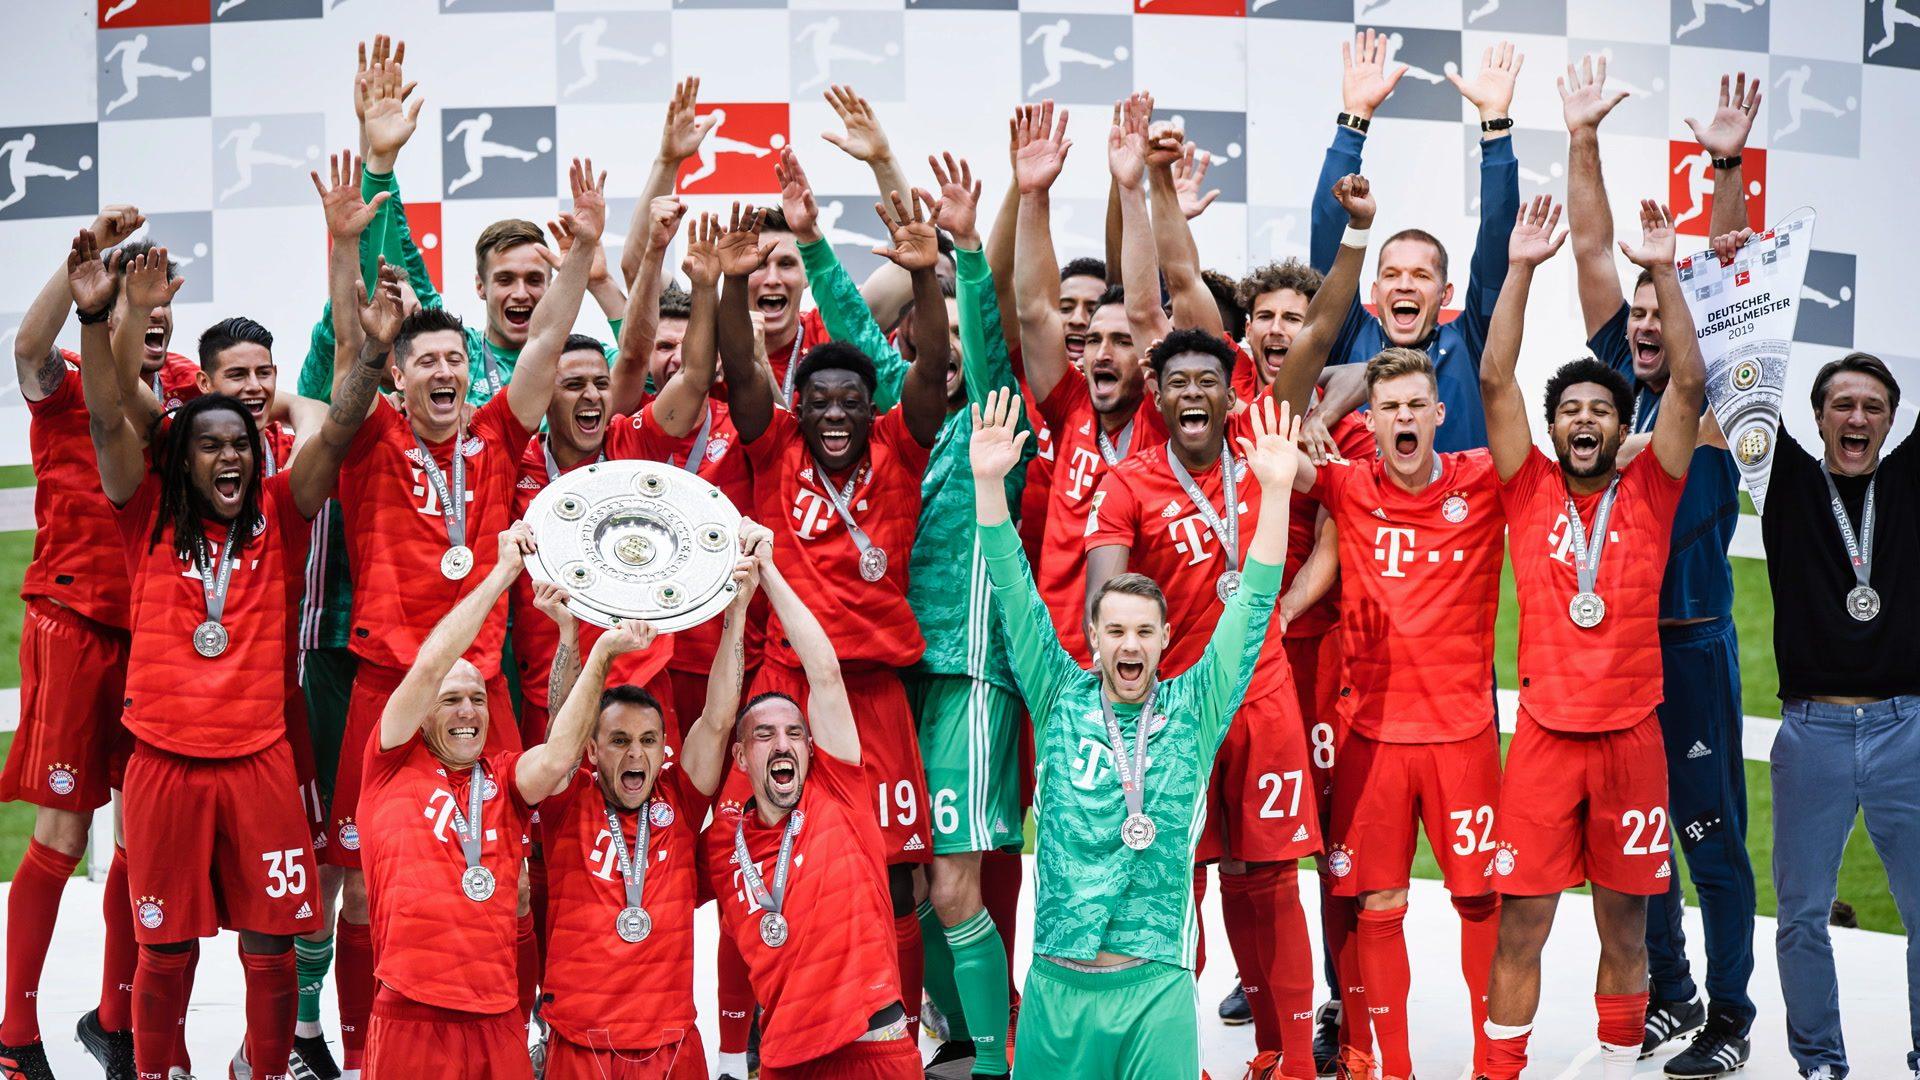 Bayern Munich are champions!